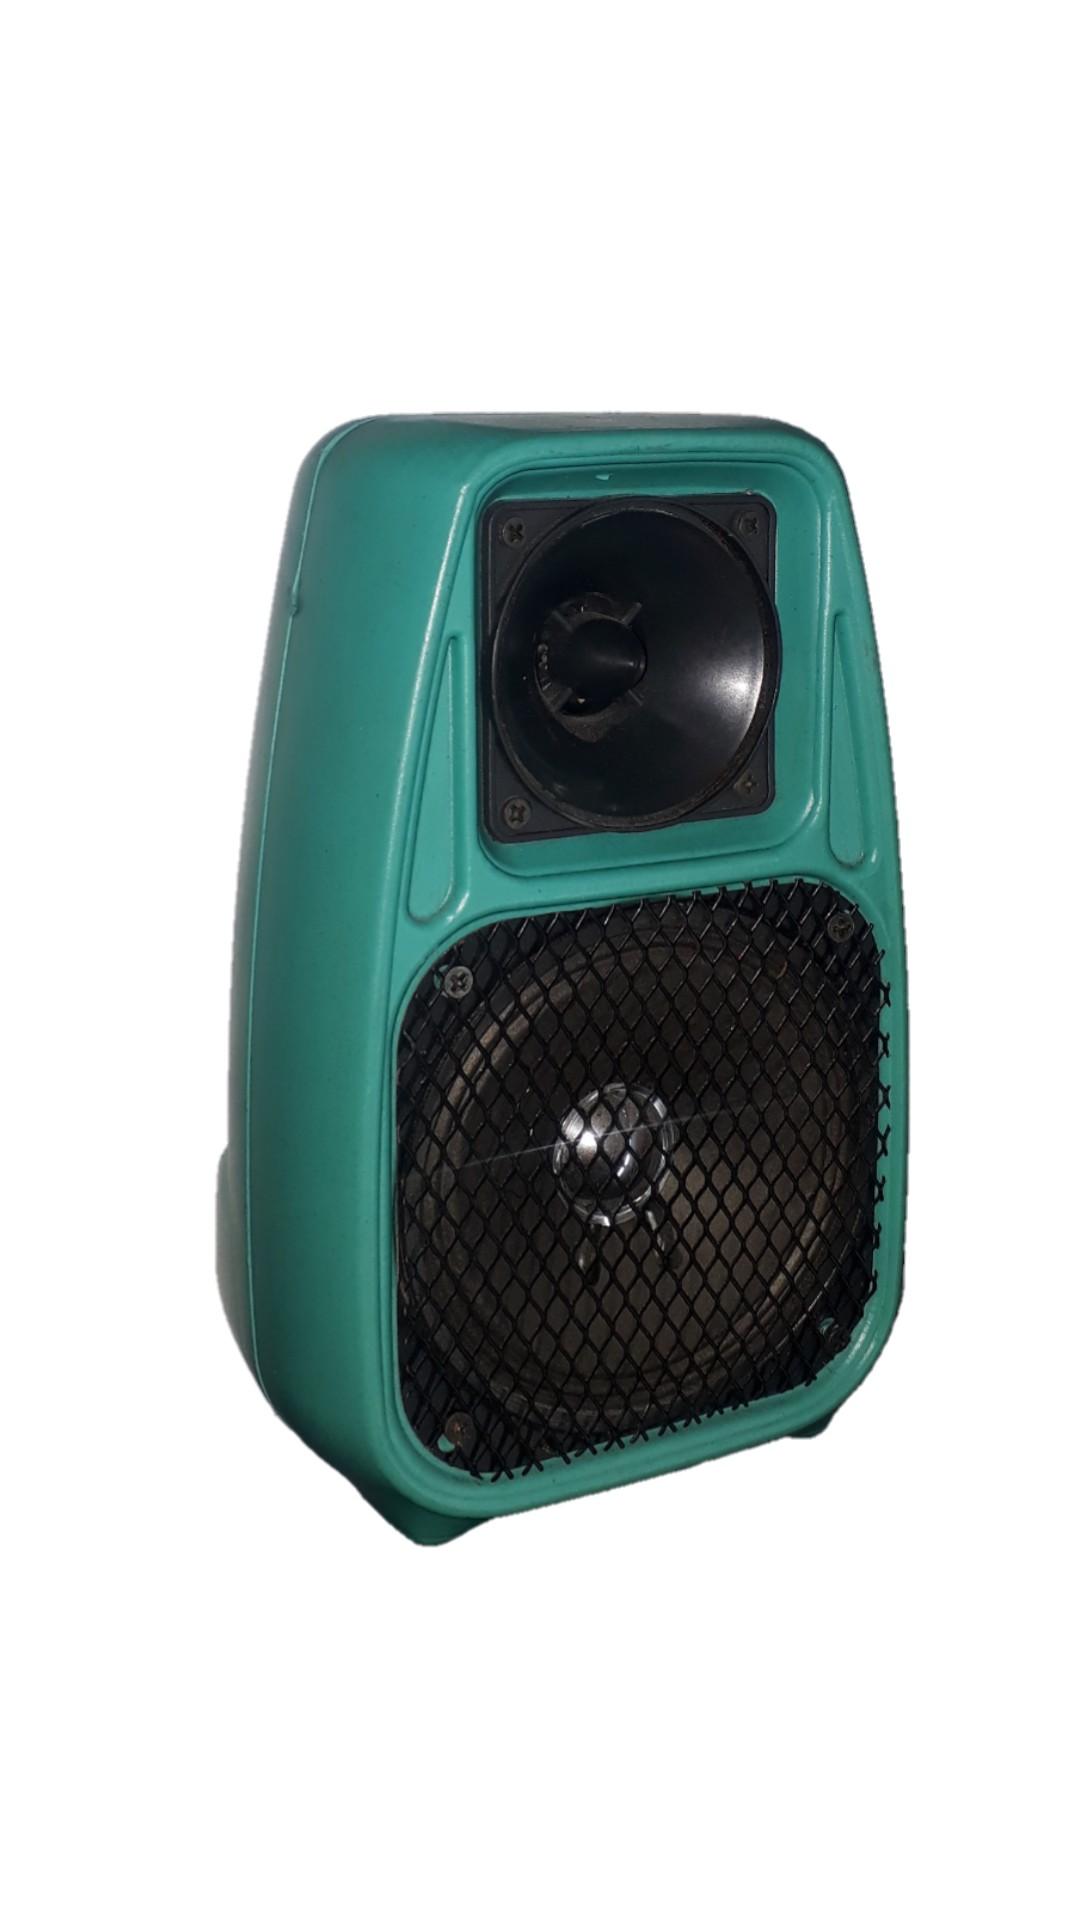 Caixa Acústica Supertech Capela 75 Falante4 Som Ambiente 8h Verde